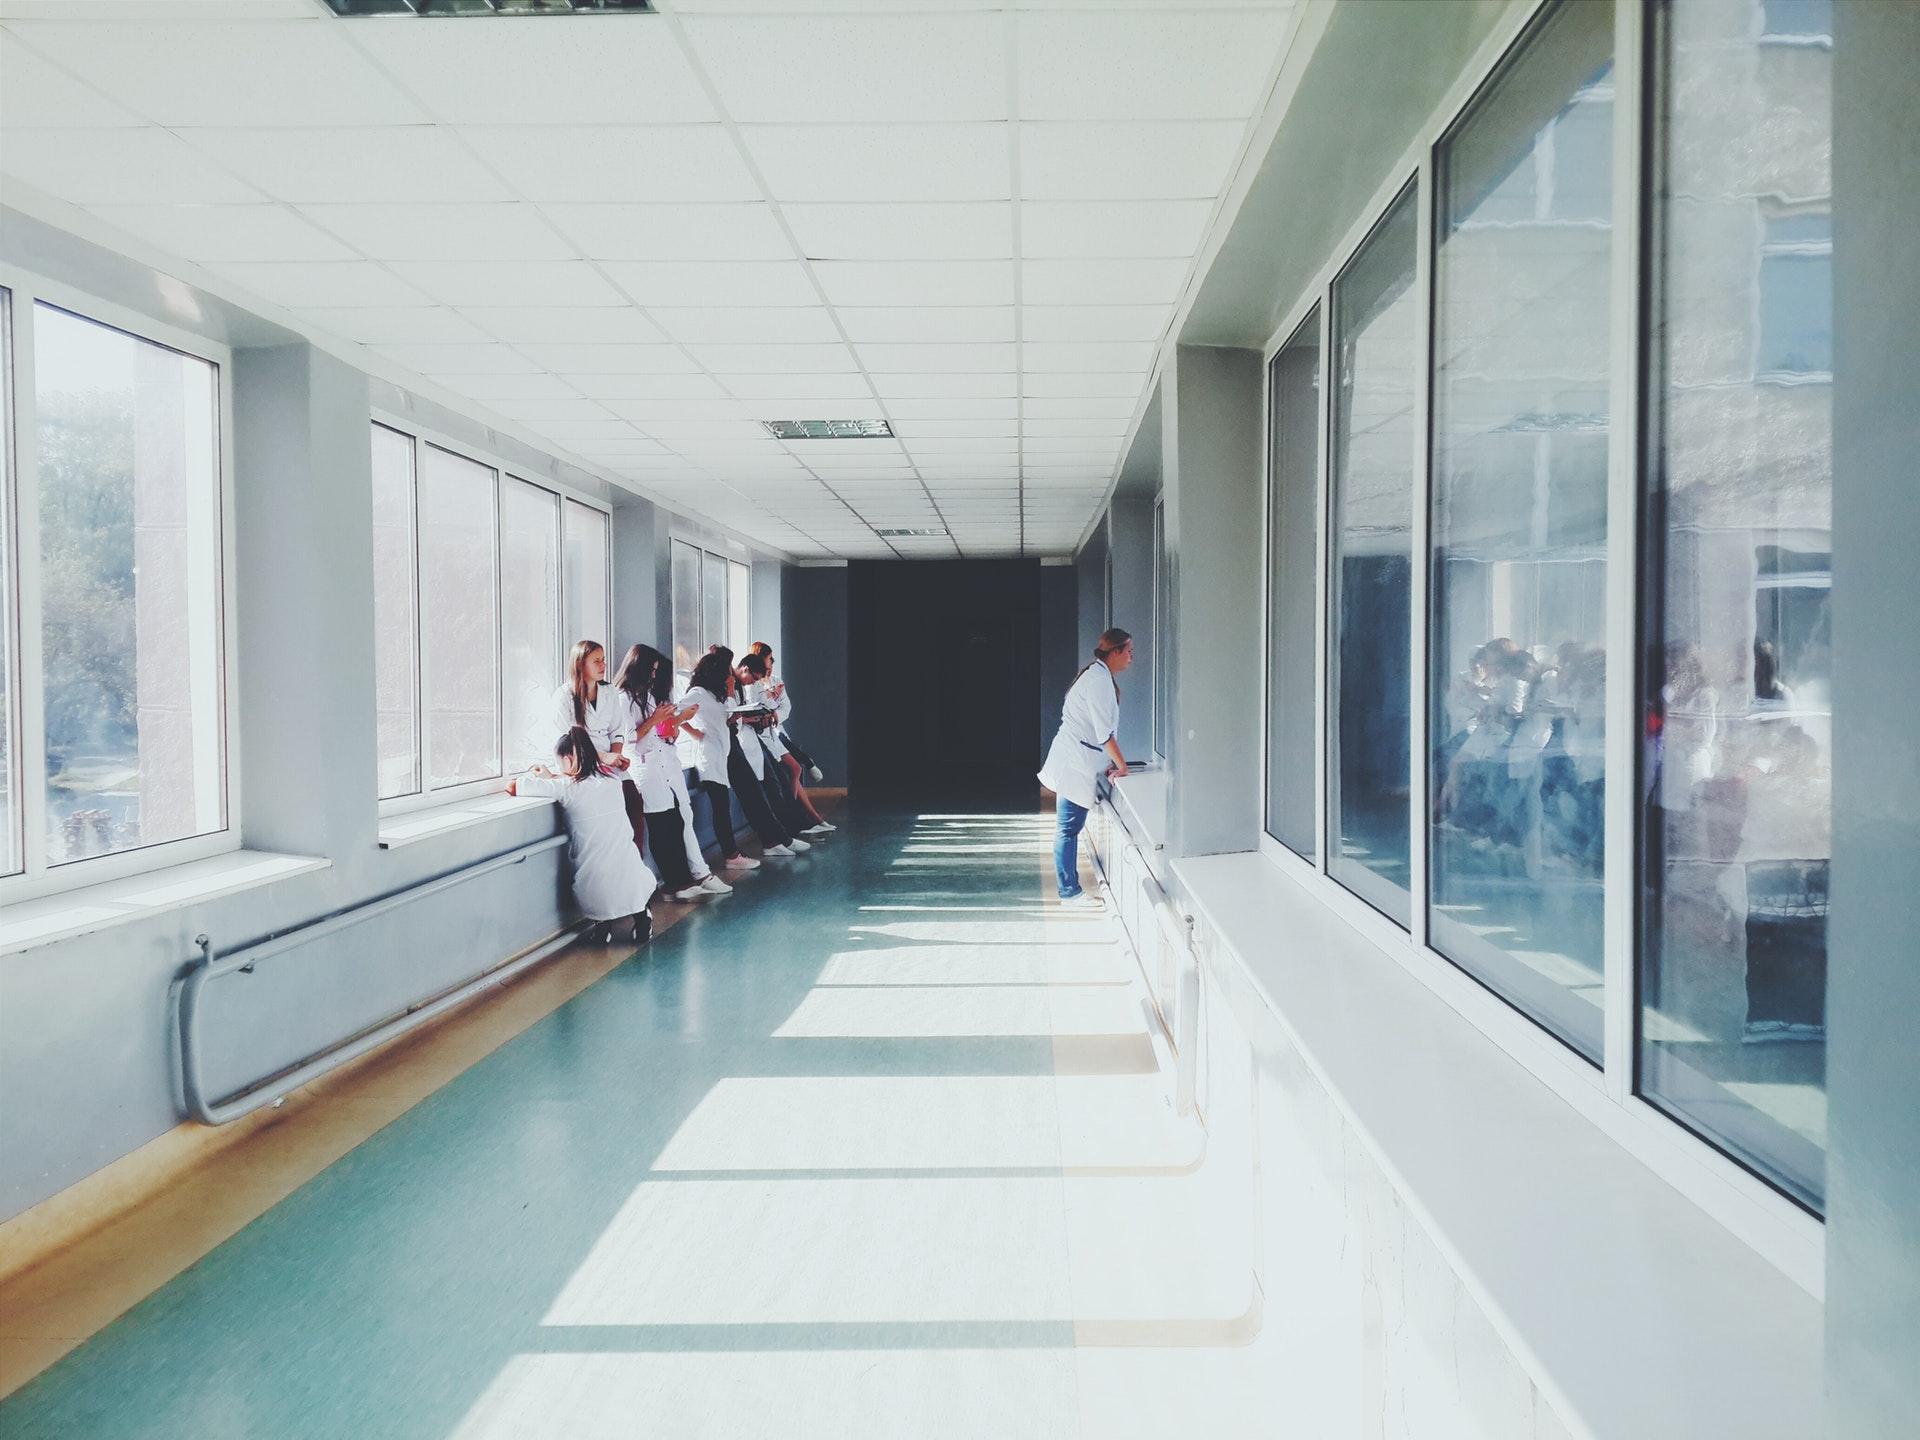 Center for Diagnostic Imaging Miami